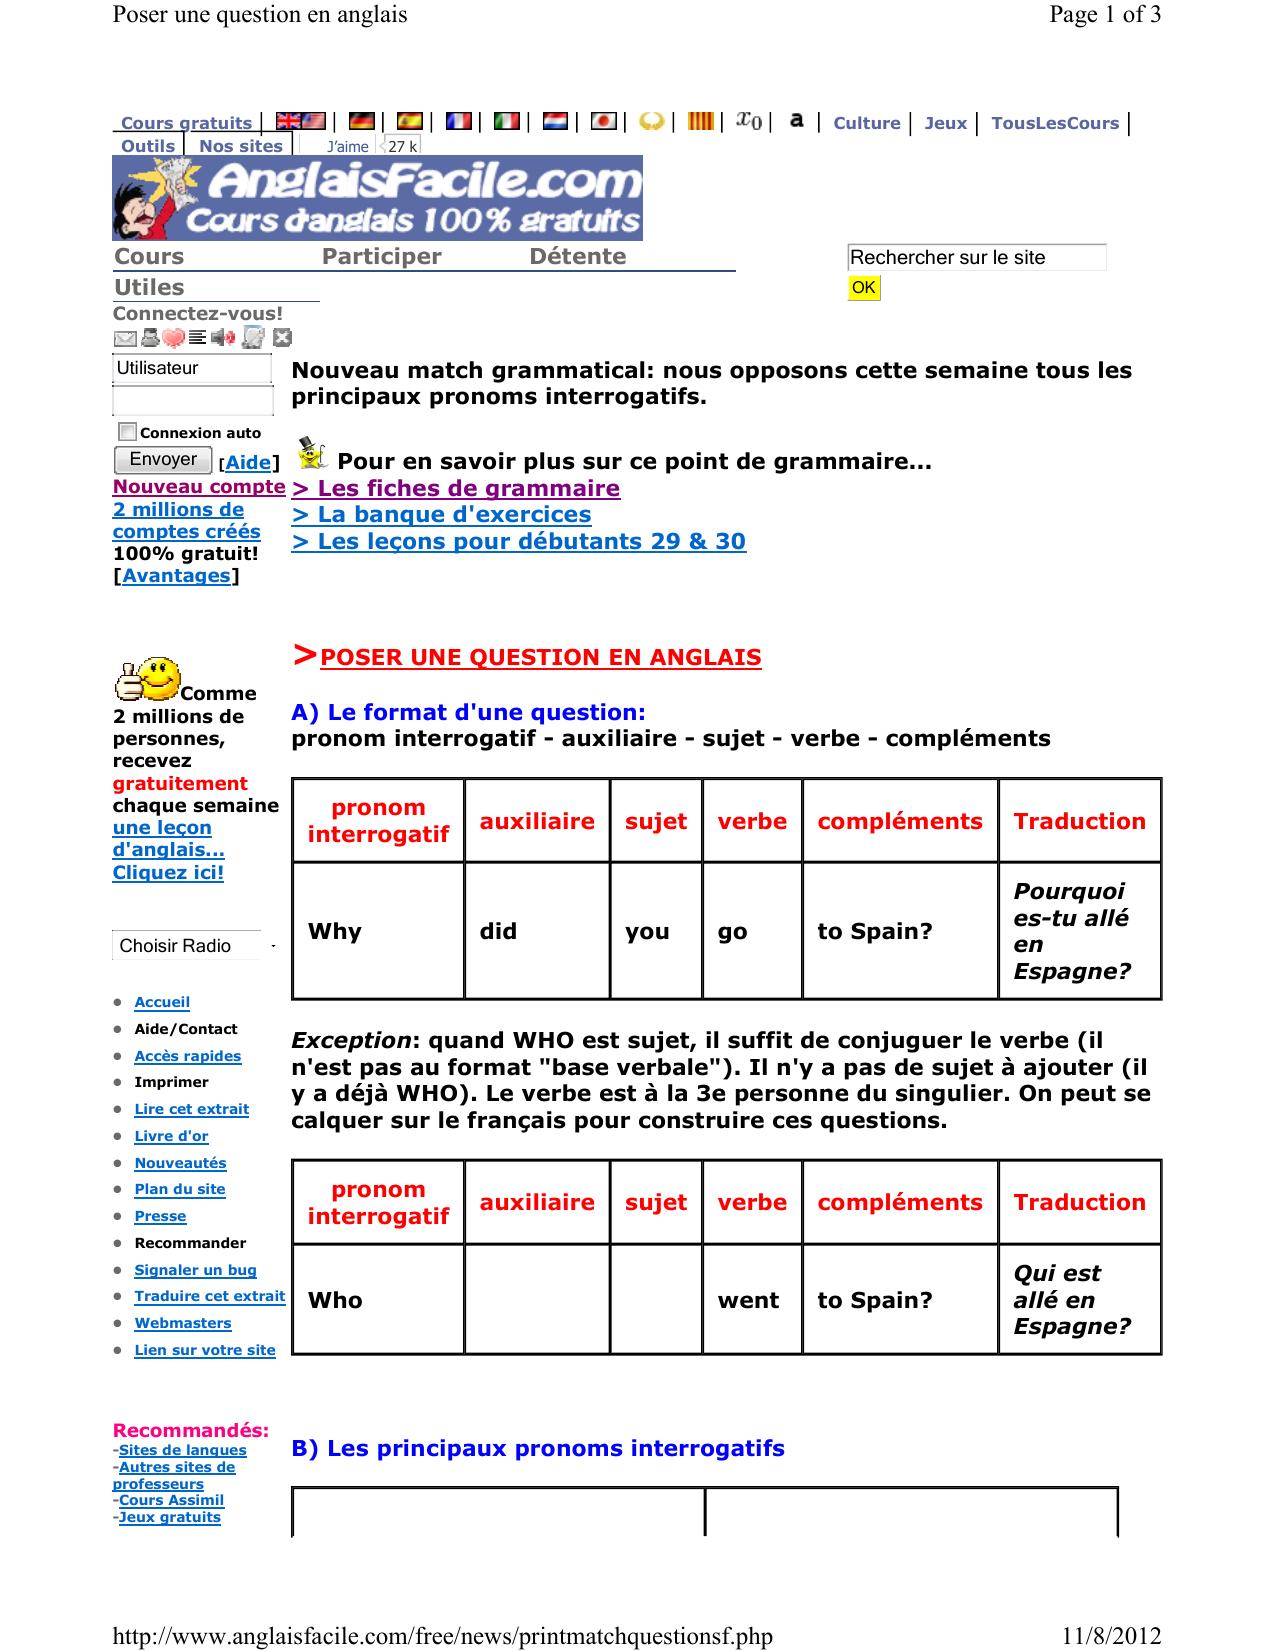 Page 1 Of 3 Poser Une Question En Anglais 11/8/2012 Http:// concernant Jeux En Anglais Gratuit